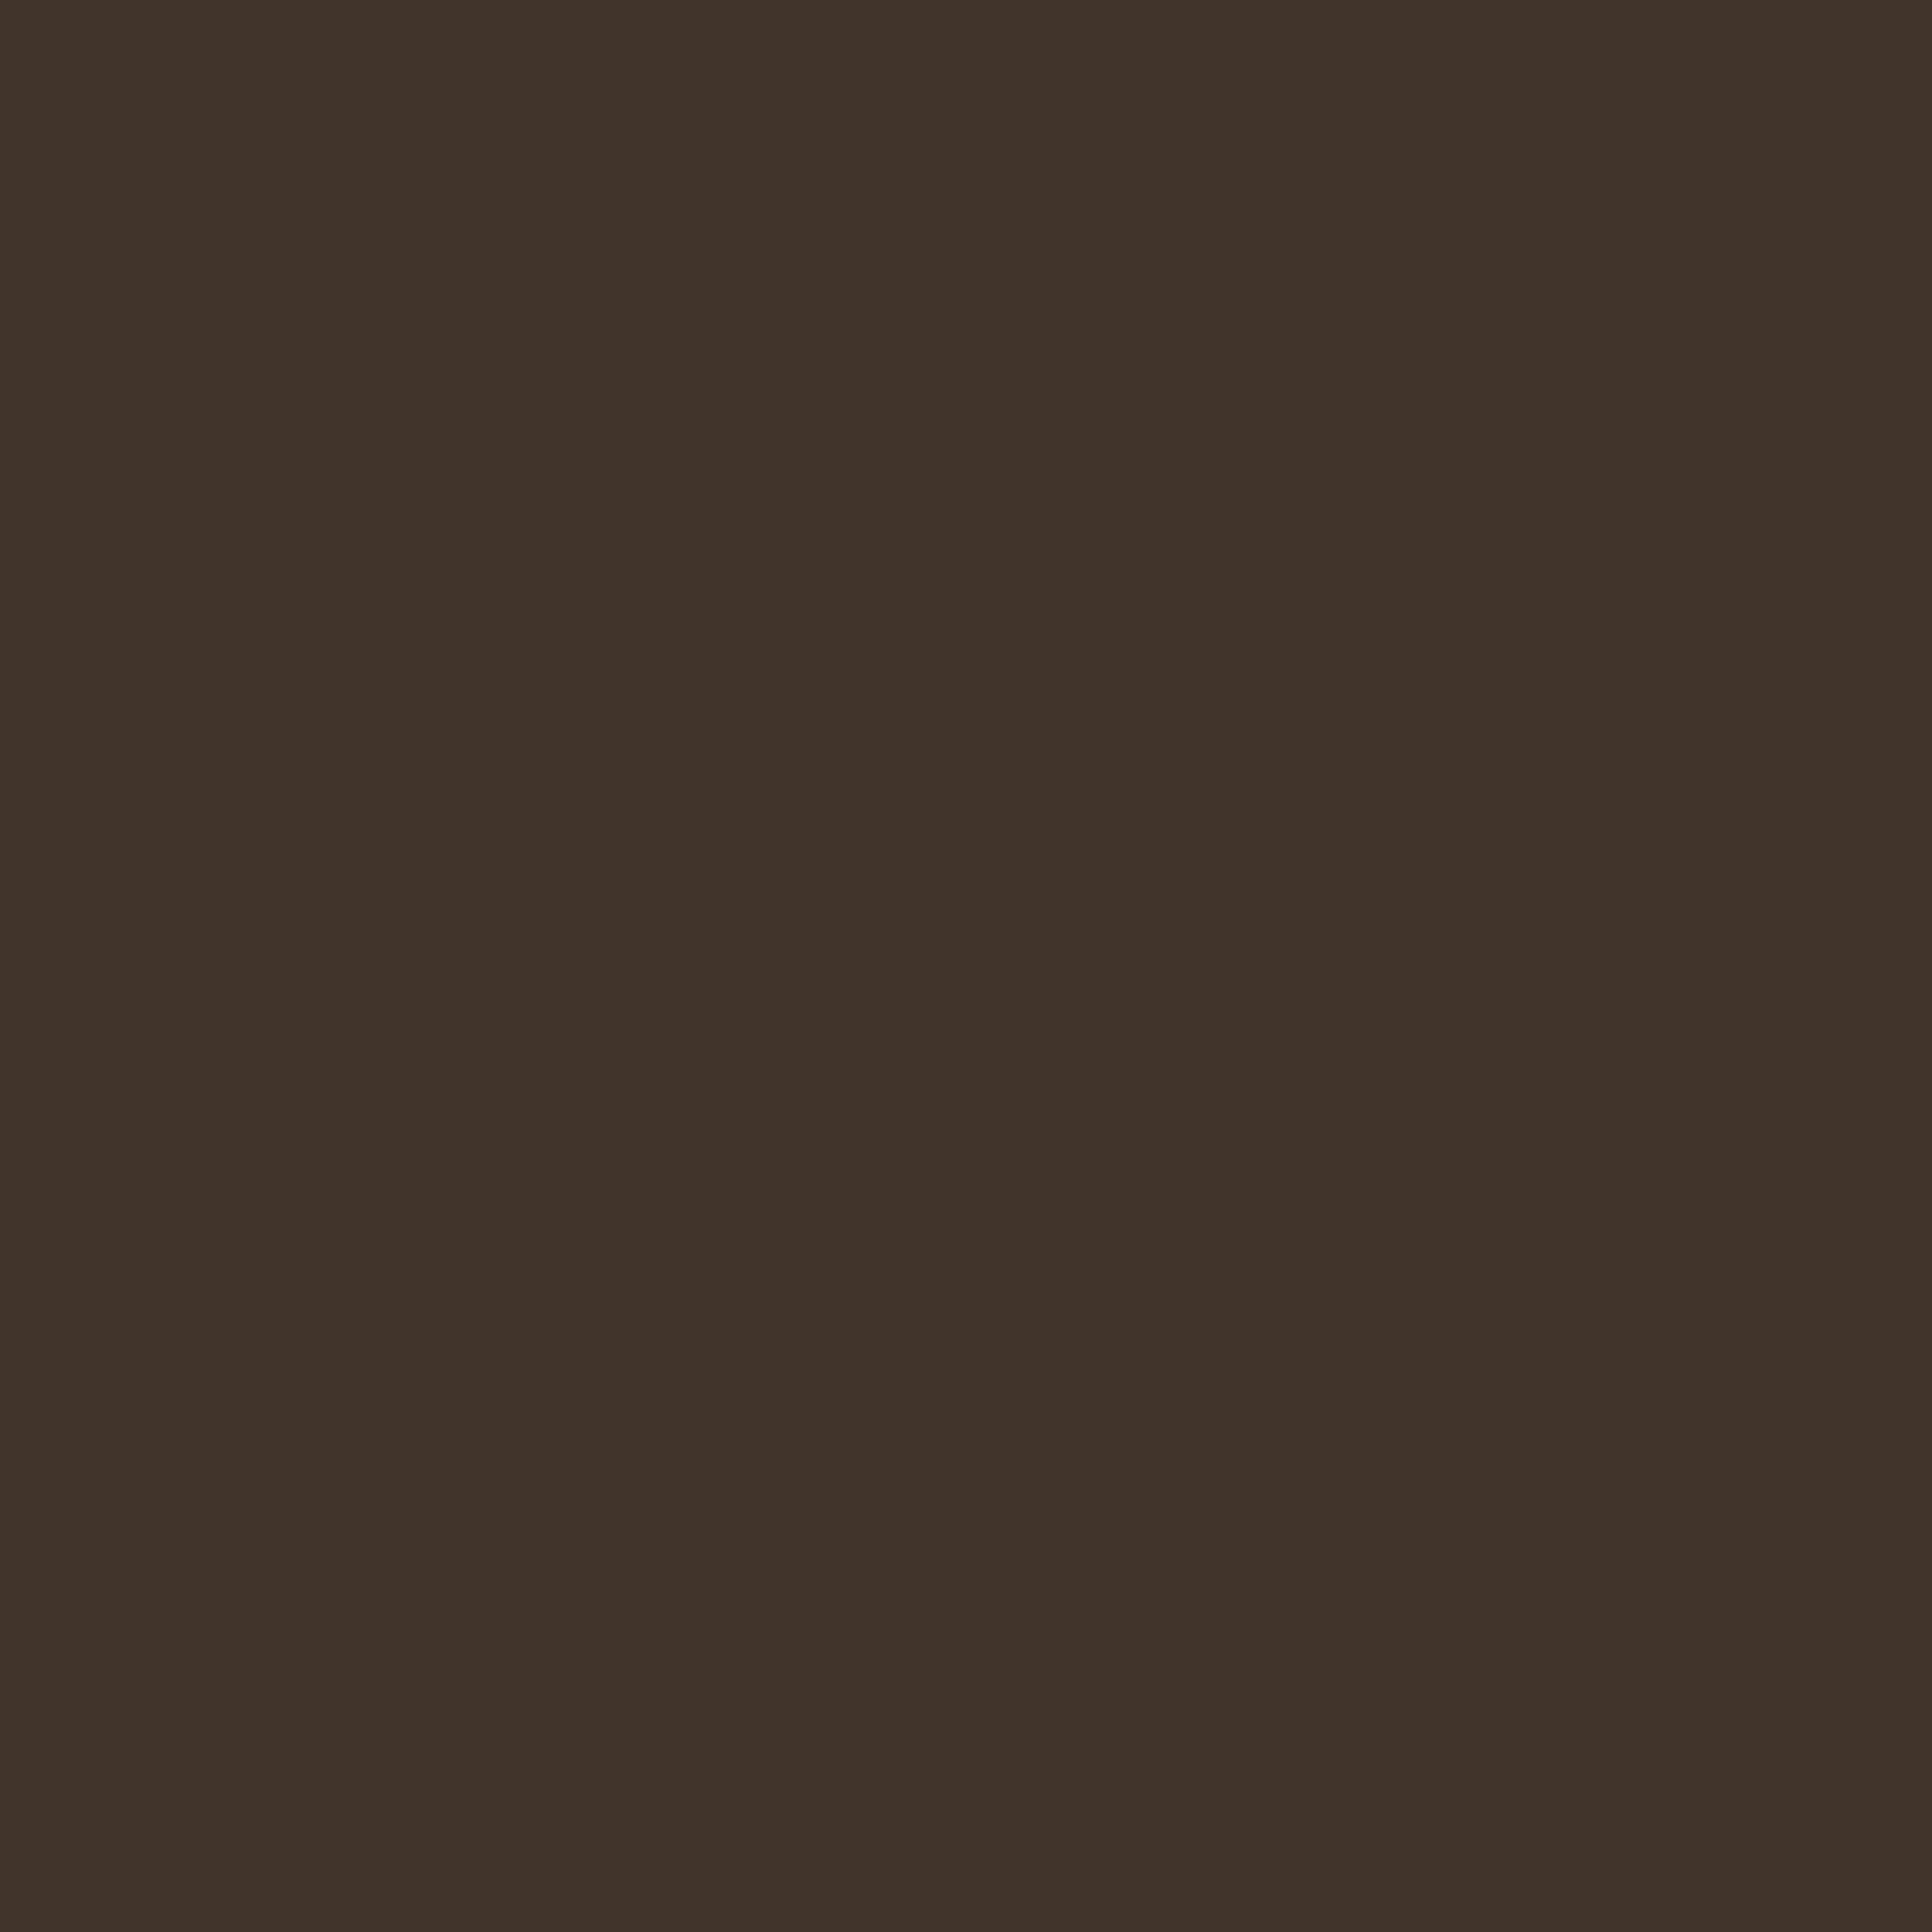 Bogwood brown